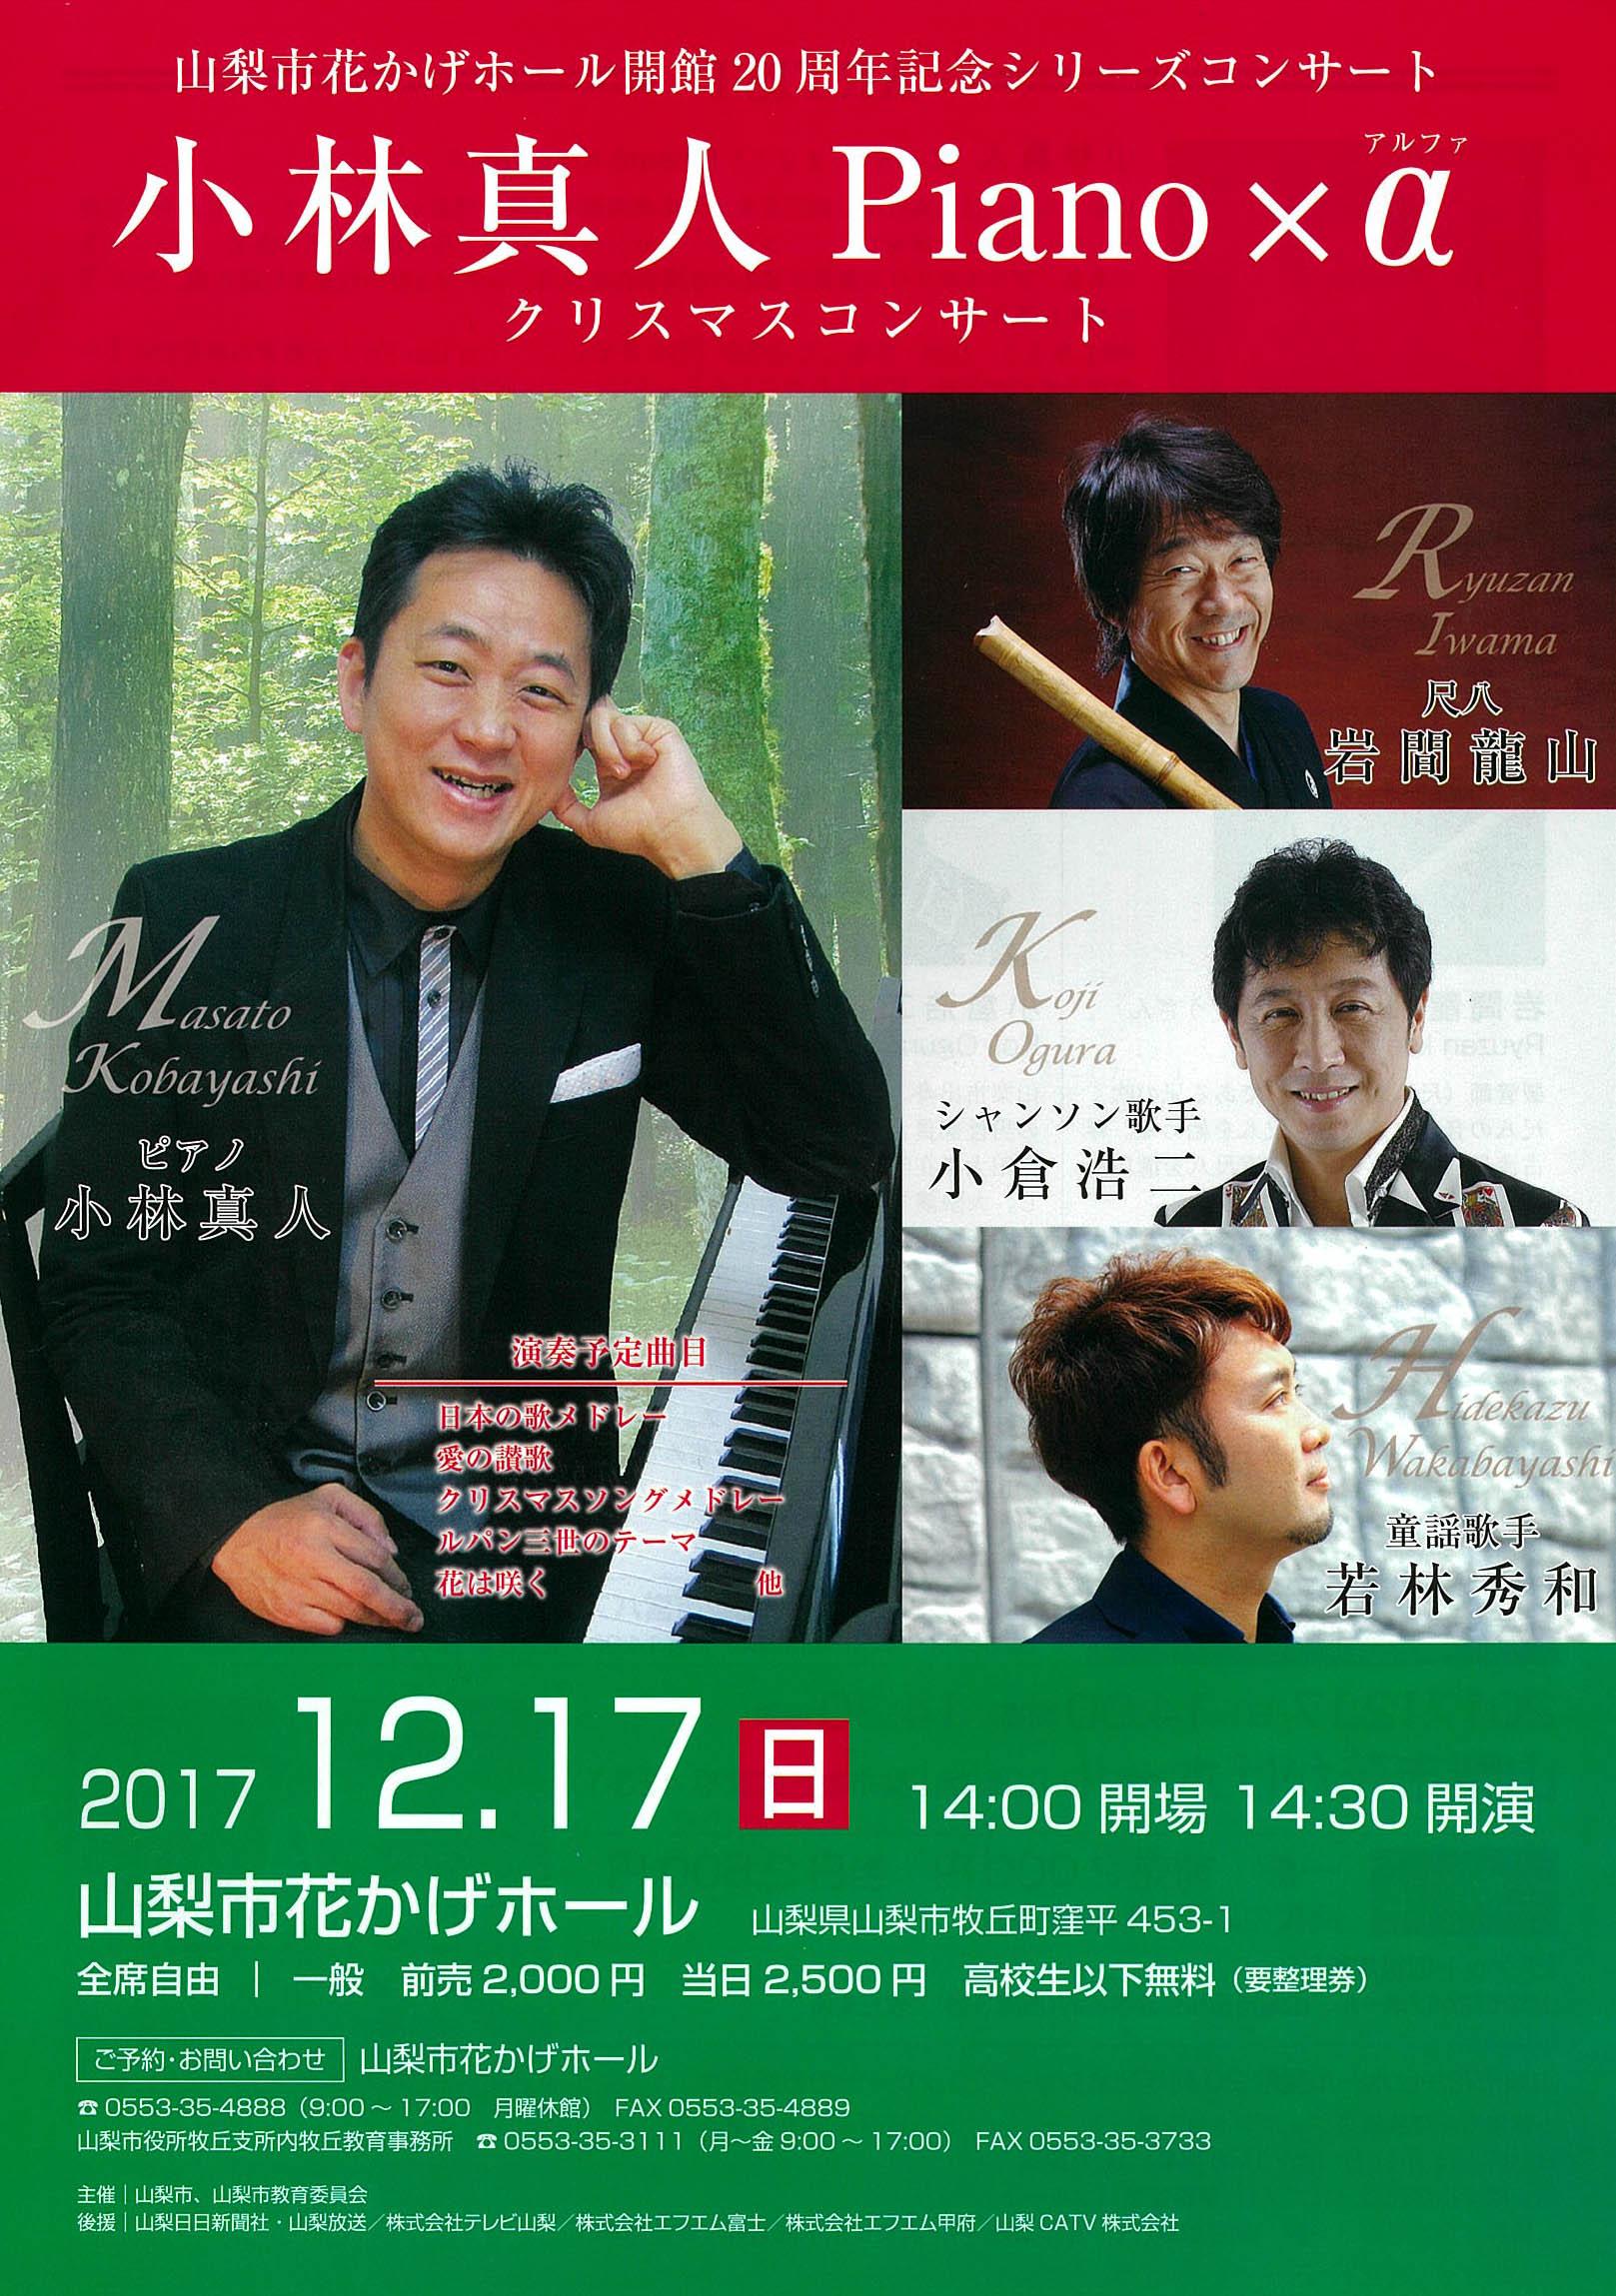 小林真人Piano × α クリスマスコンサート